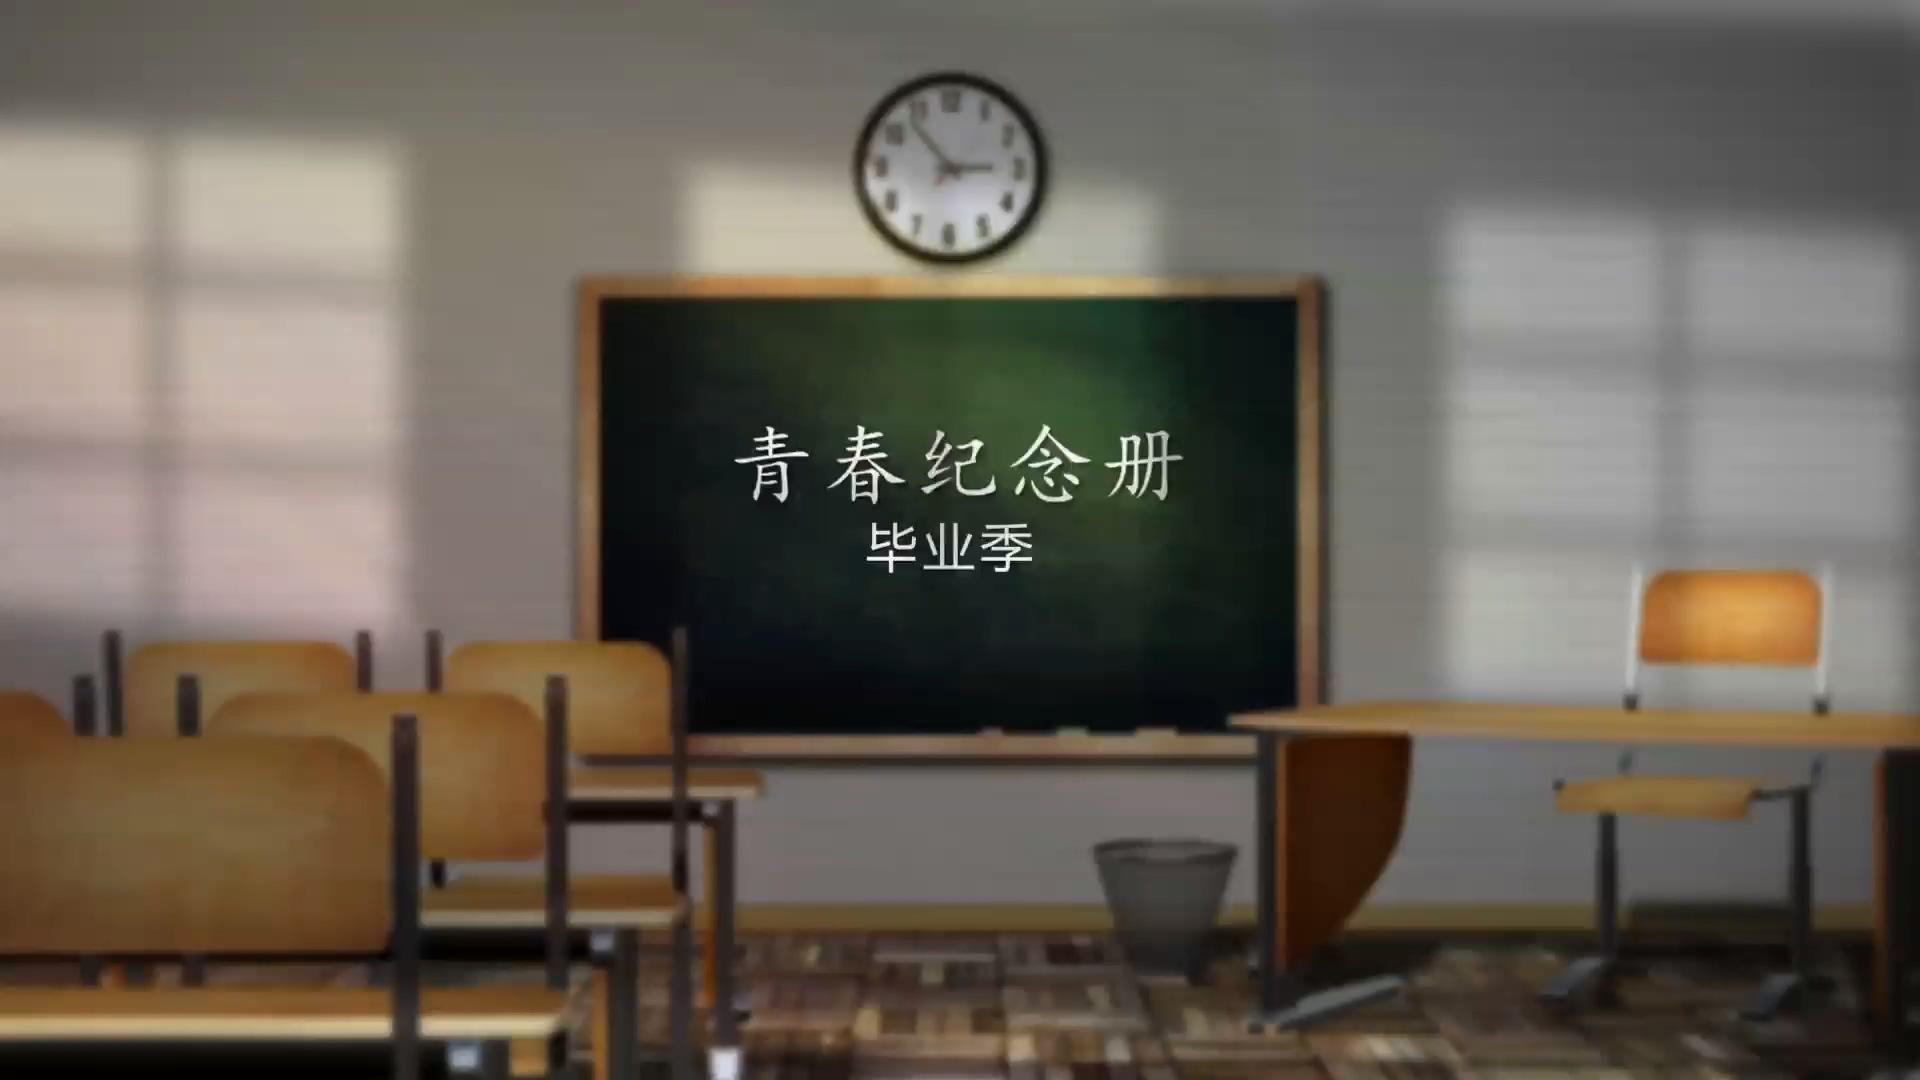 青春纪念册毕业季粉笔绘制黑板校园生活片头